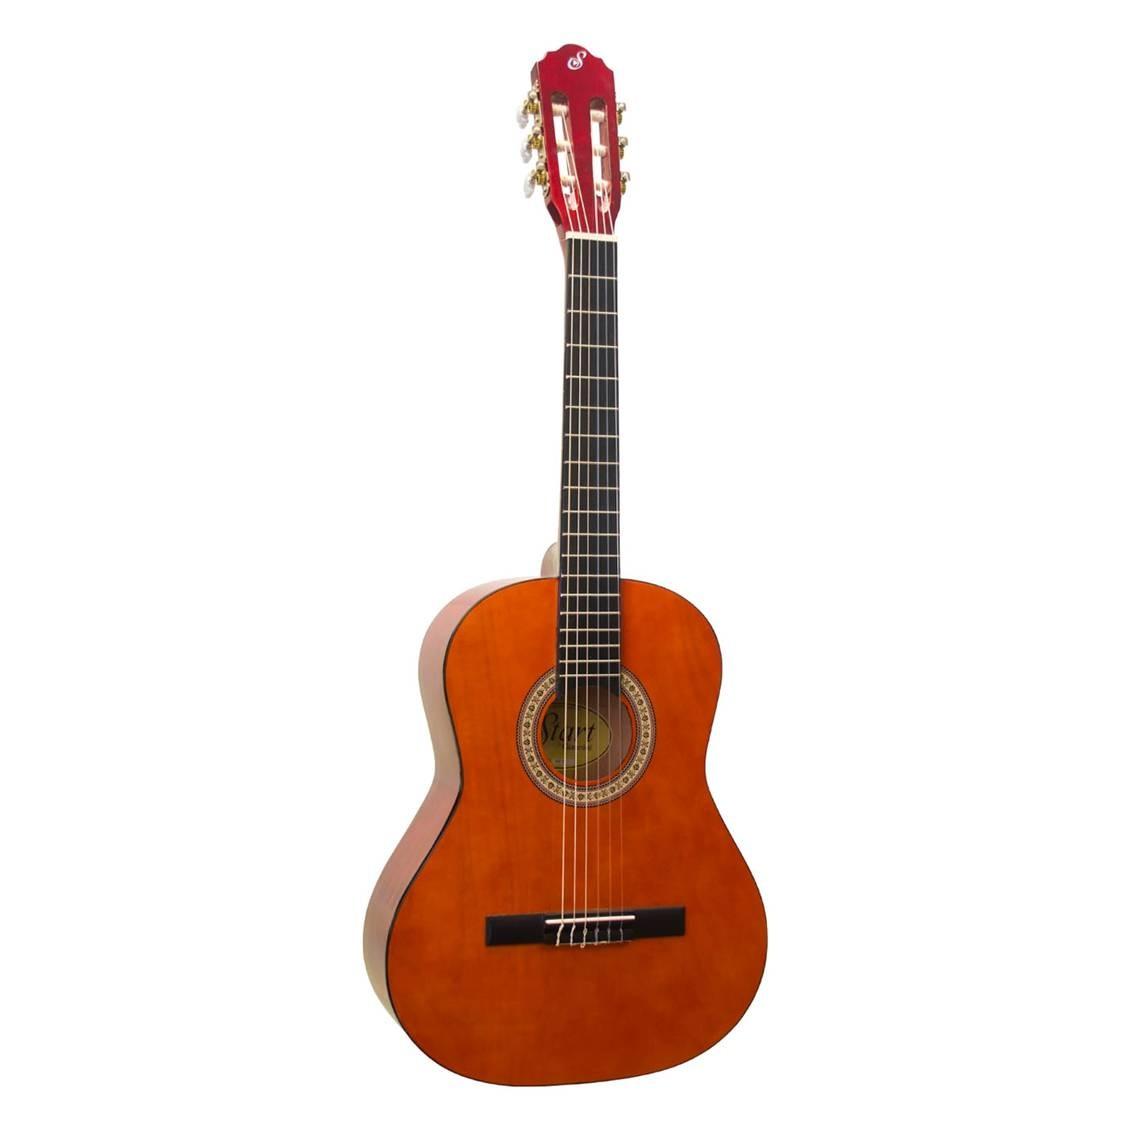 Imagem do produto Violão Giannini Nylon Infantil N6